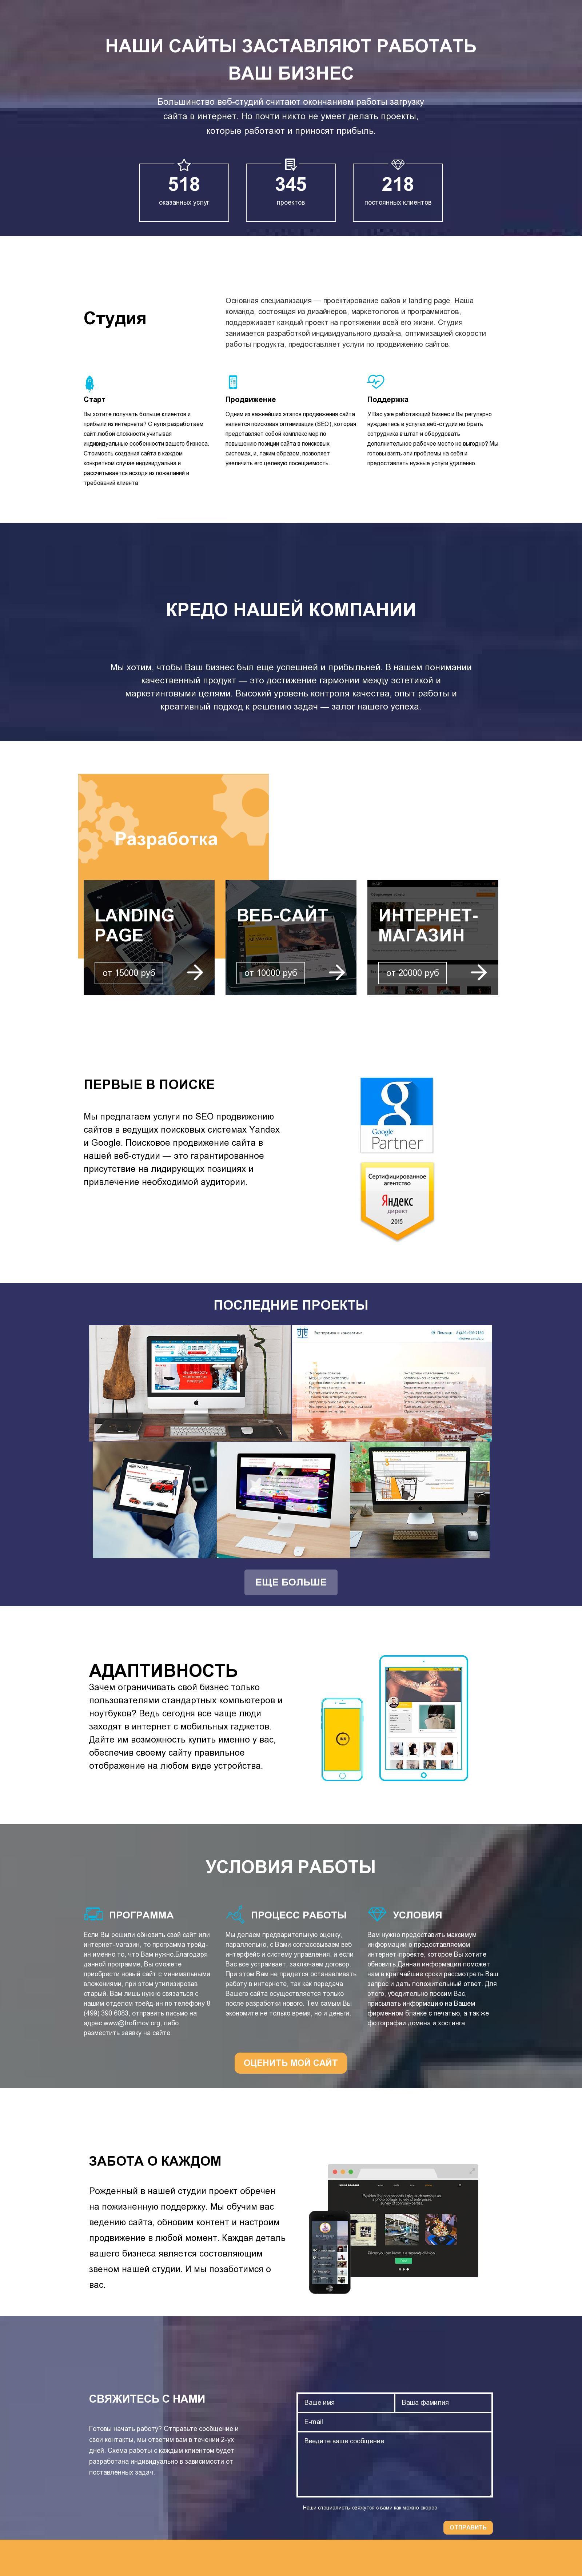 Ровный, шаблоны лендингов веб студии проекта: